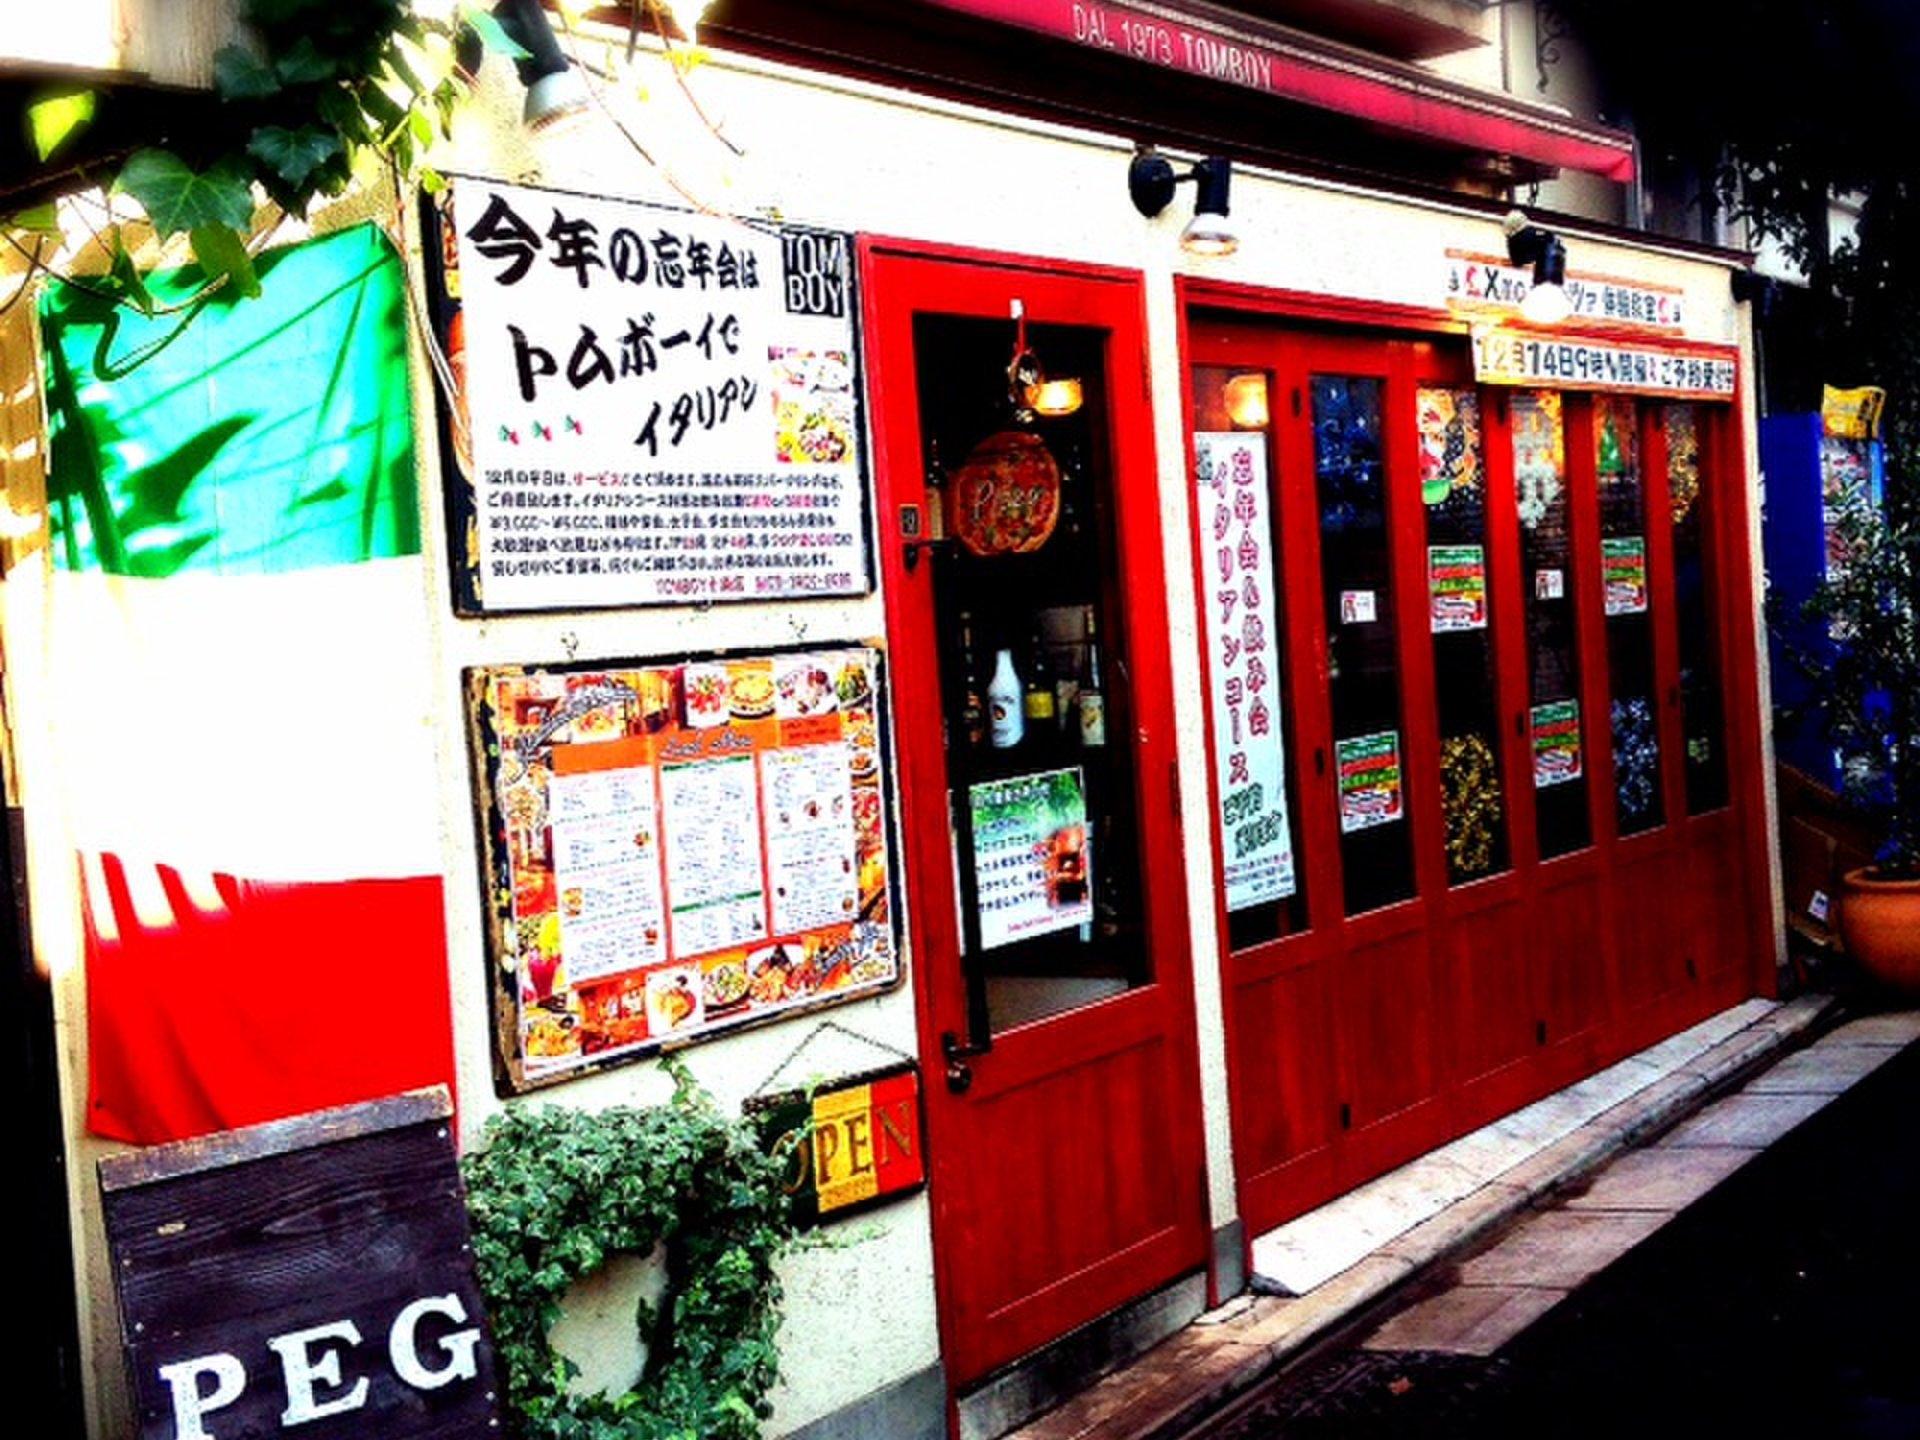 学生・主婦必見! おしゃれで美味しい激安イタリアンのお店「トムボーイ・十条店」